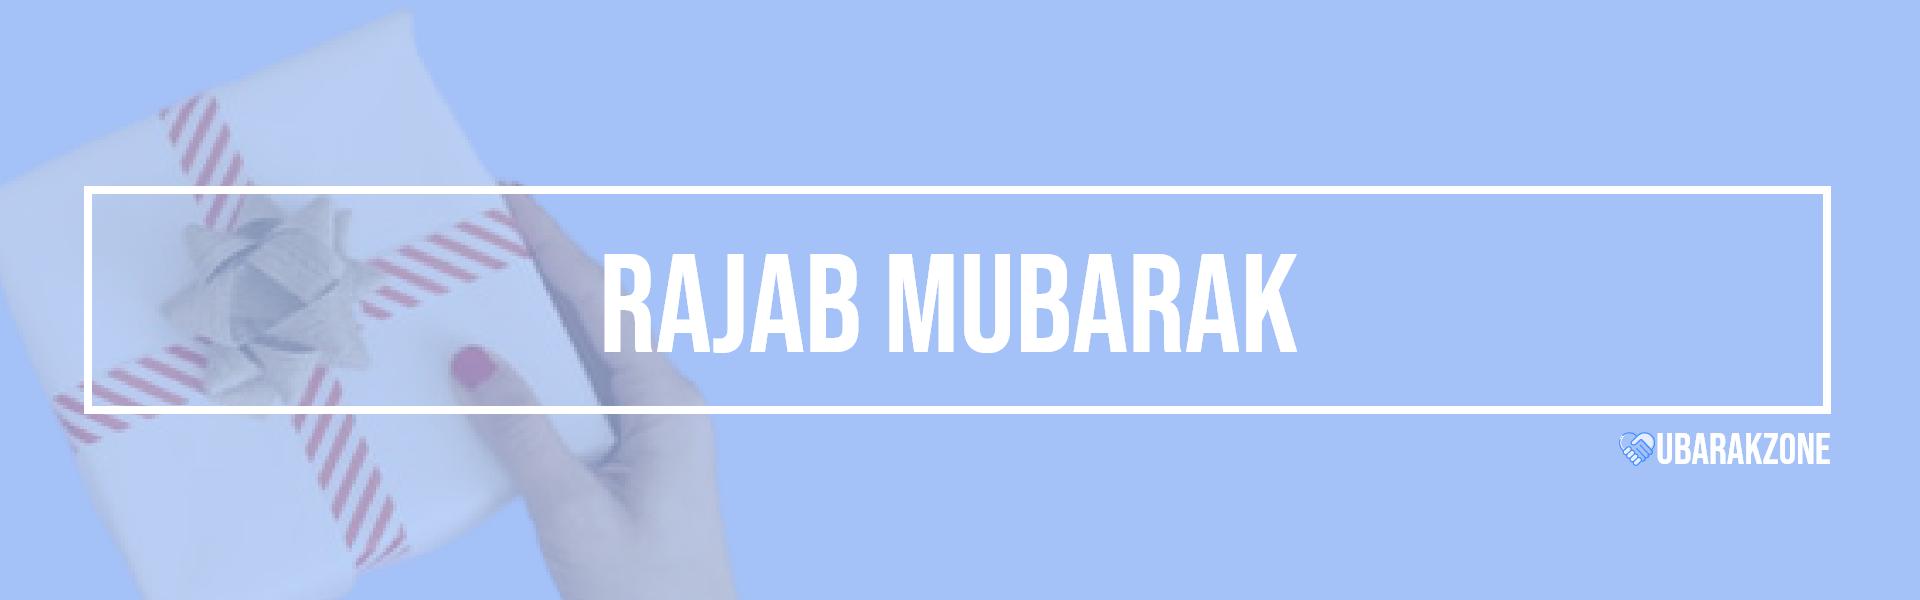 rajab mubarak wishes messages